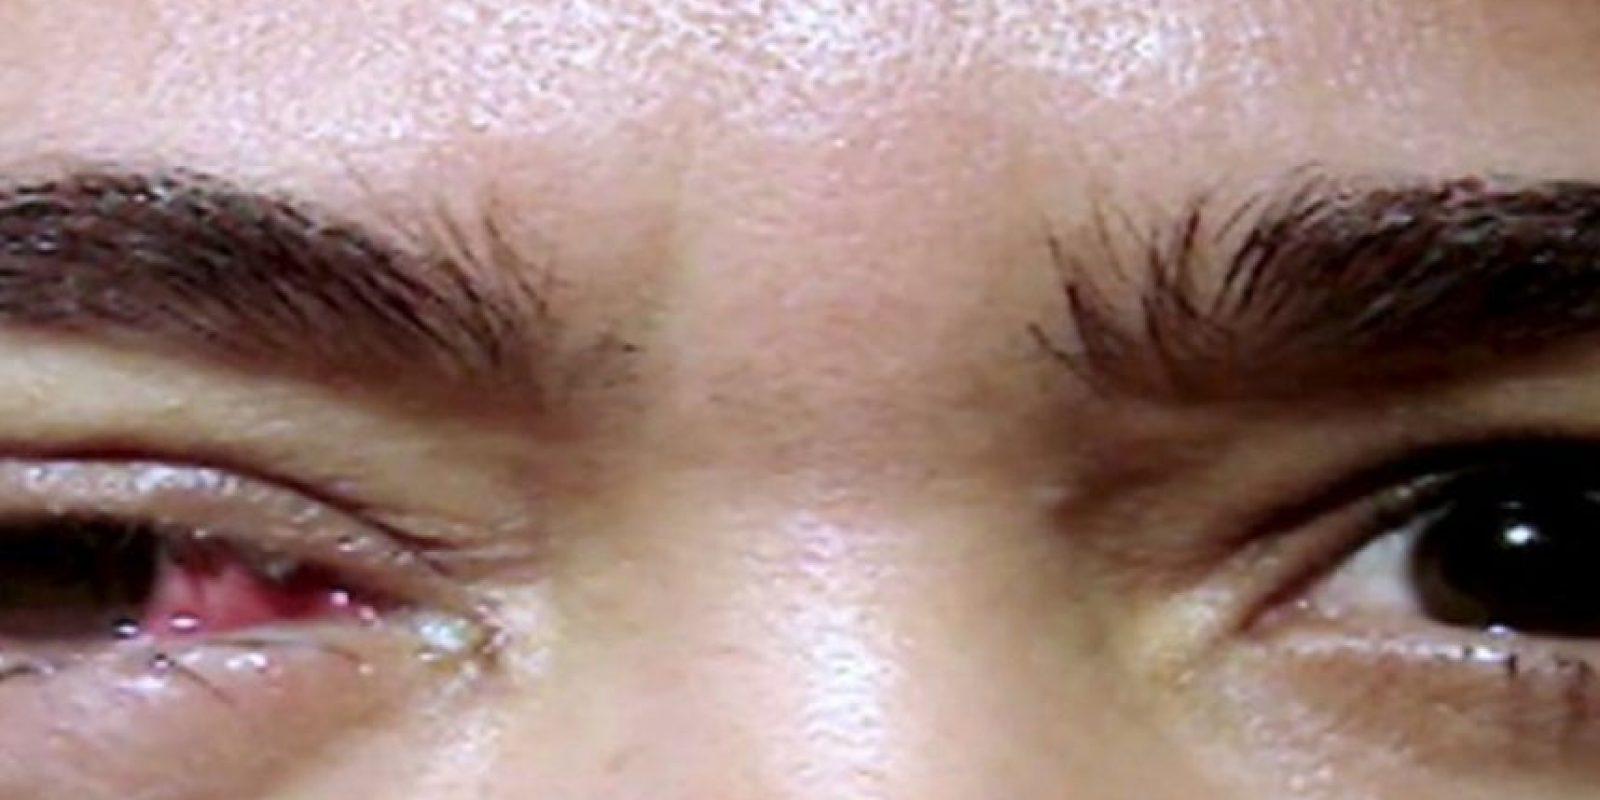 Ha sufrido de este mal desde los 15 años. Apenas parpadea, otra plaqueta sale de su ojo. En el oculista ha tenido que remover hasta 30 por día. Y por 20 años, ha impresionado a los doctores con su caso. Foto:vía Barcroft Media